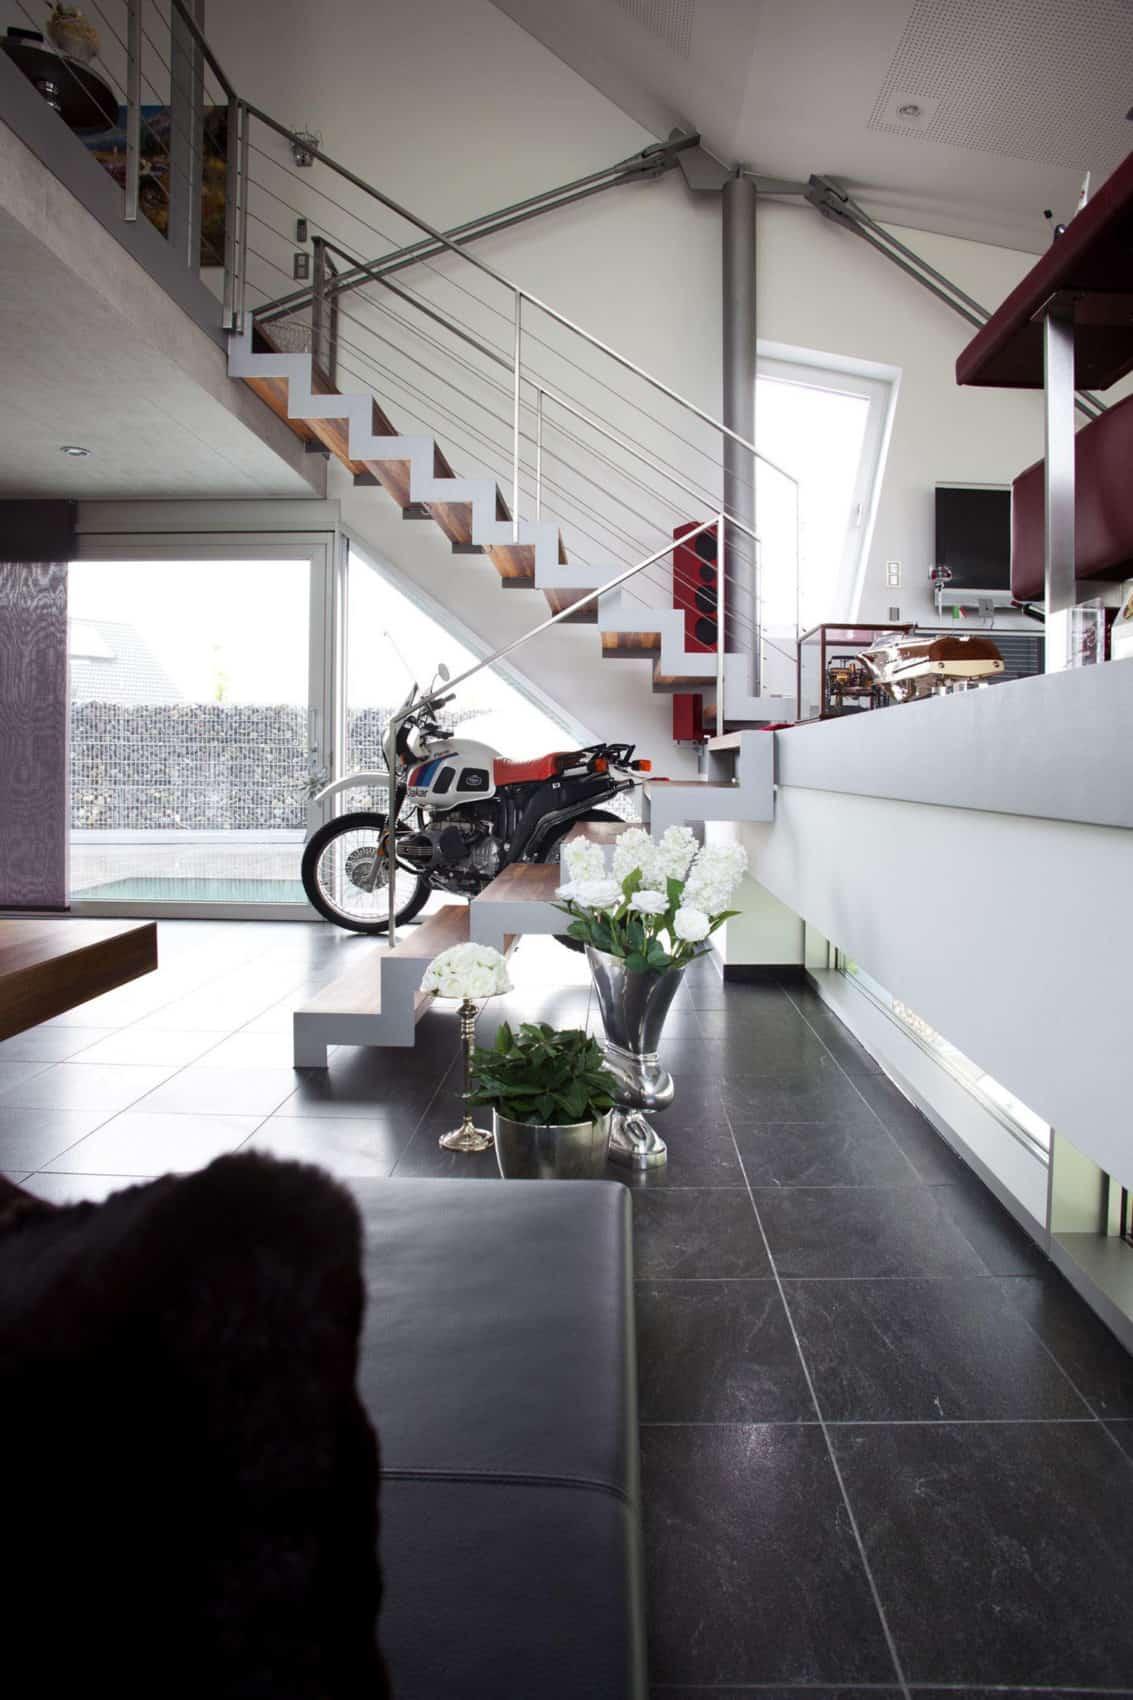 Villa New Interpretation by Eppler + Bühler (14)